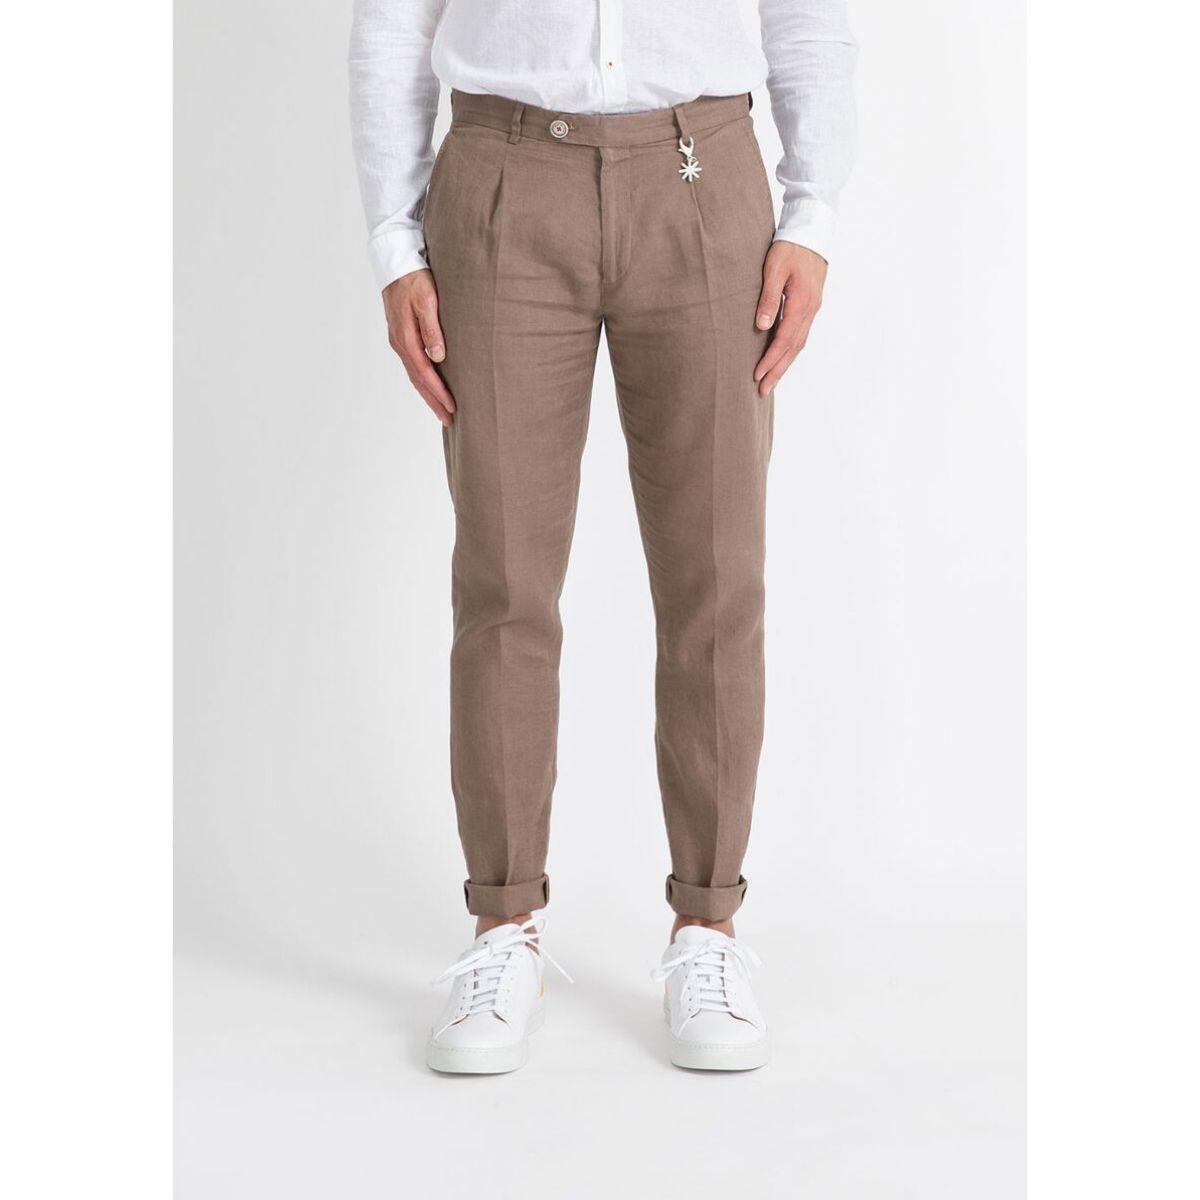 Pantalone Chino Manuel Ritz...